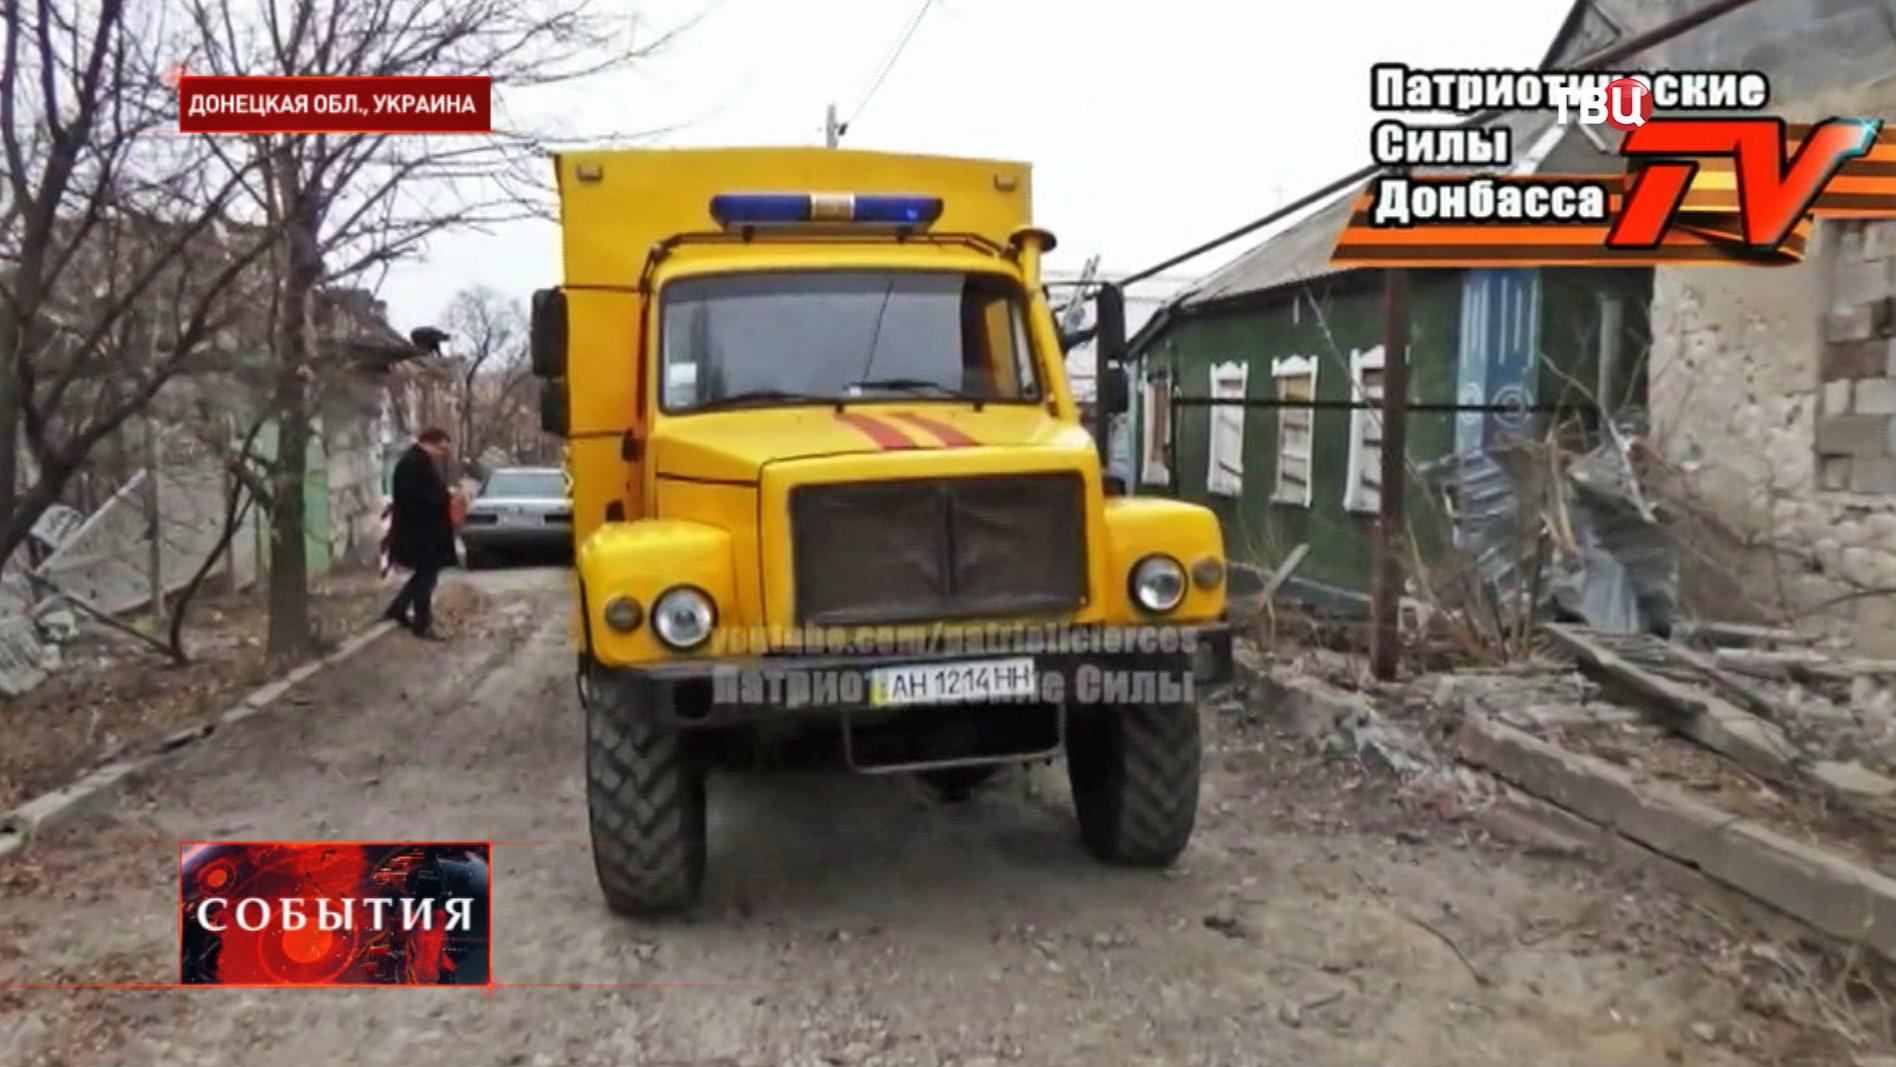 Газовая ремонтная служба устраняет последствия обстрела в Донецкой области